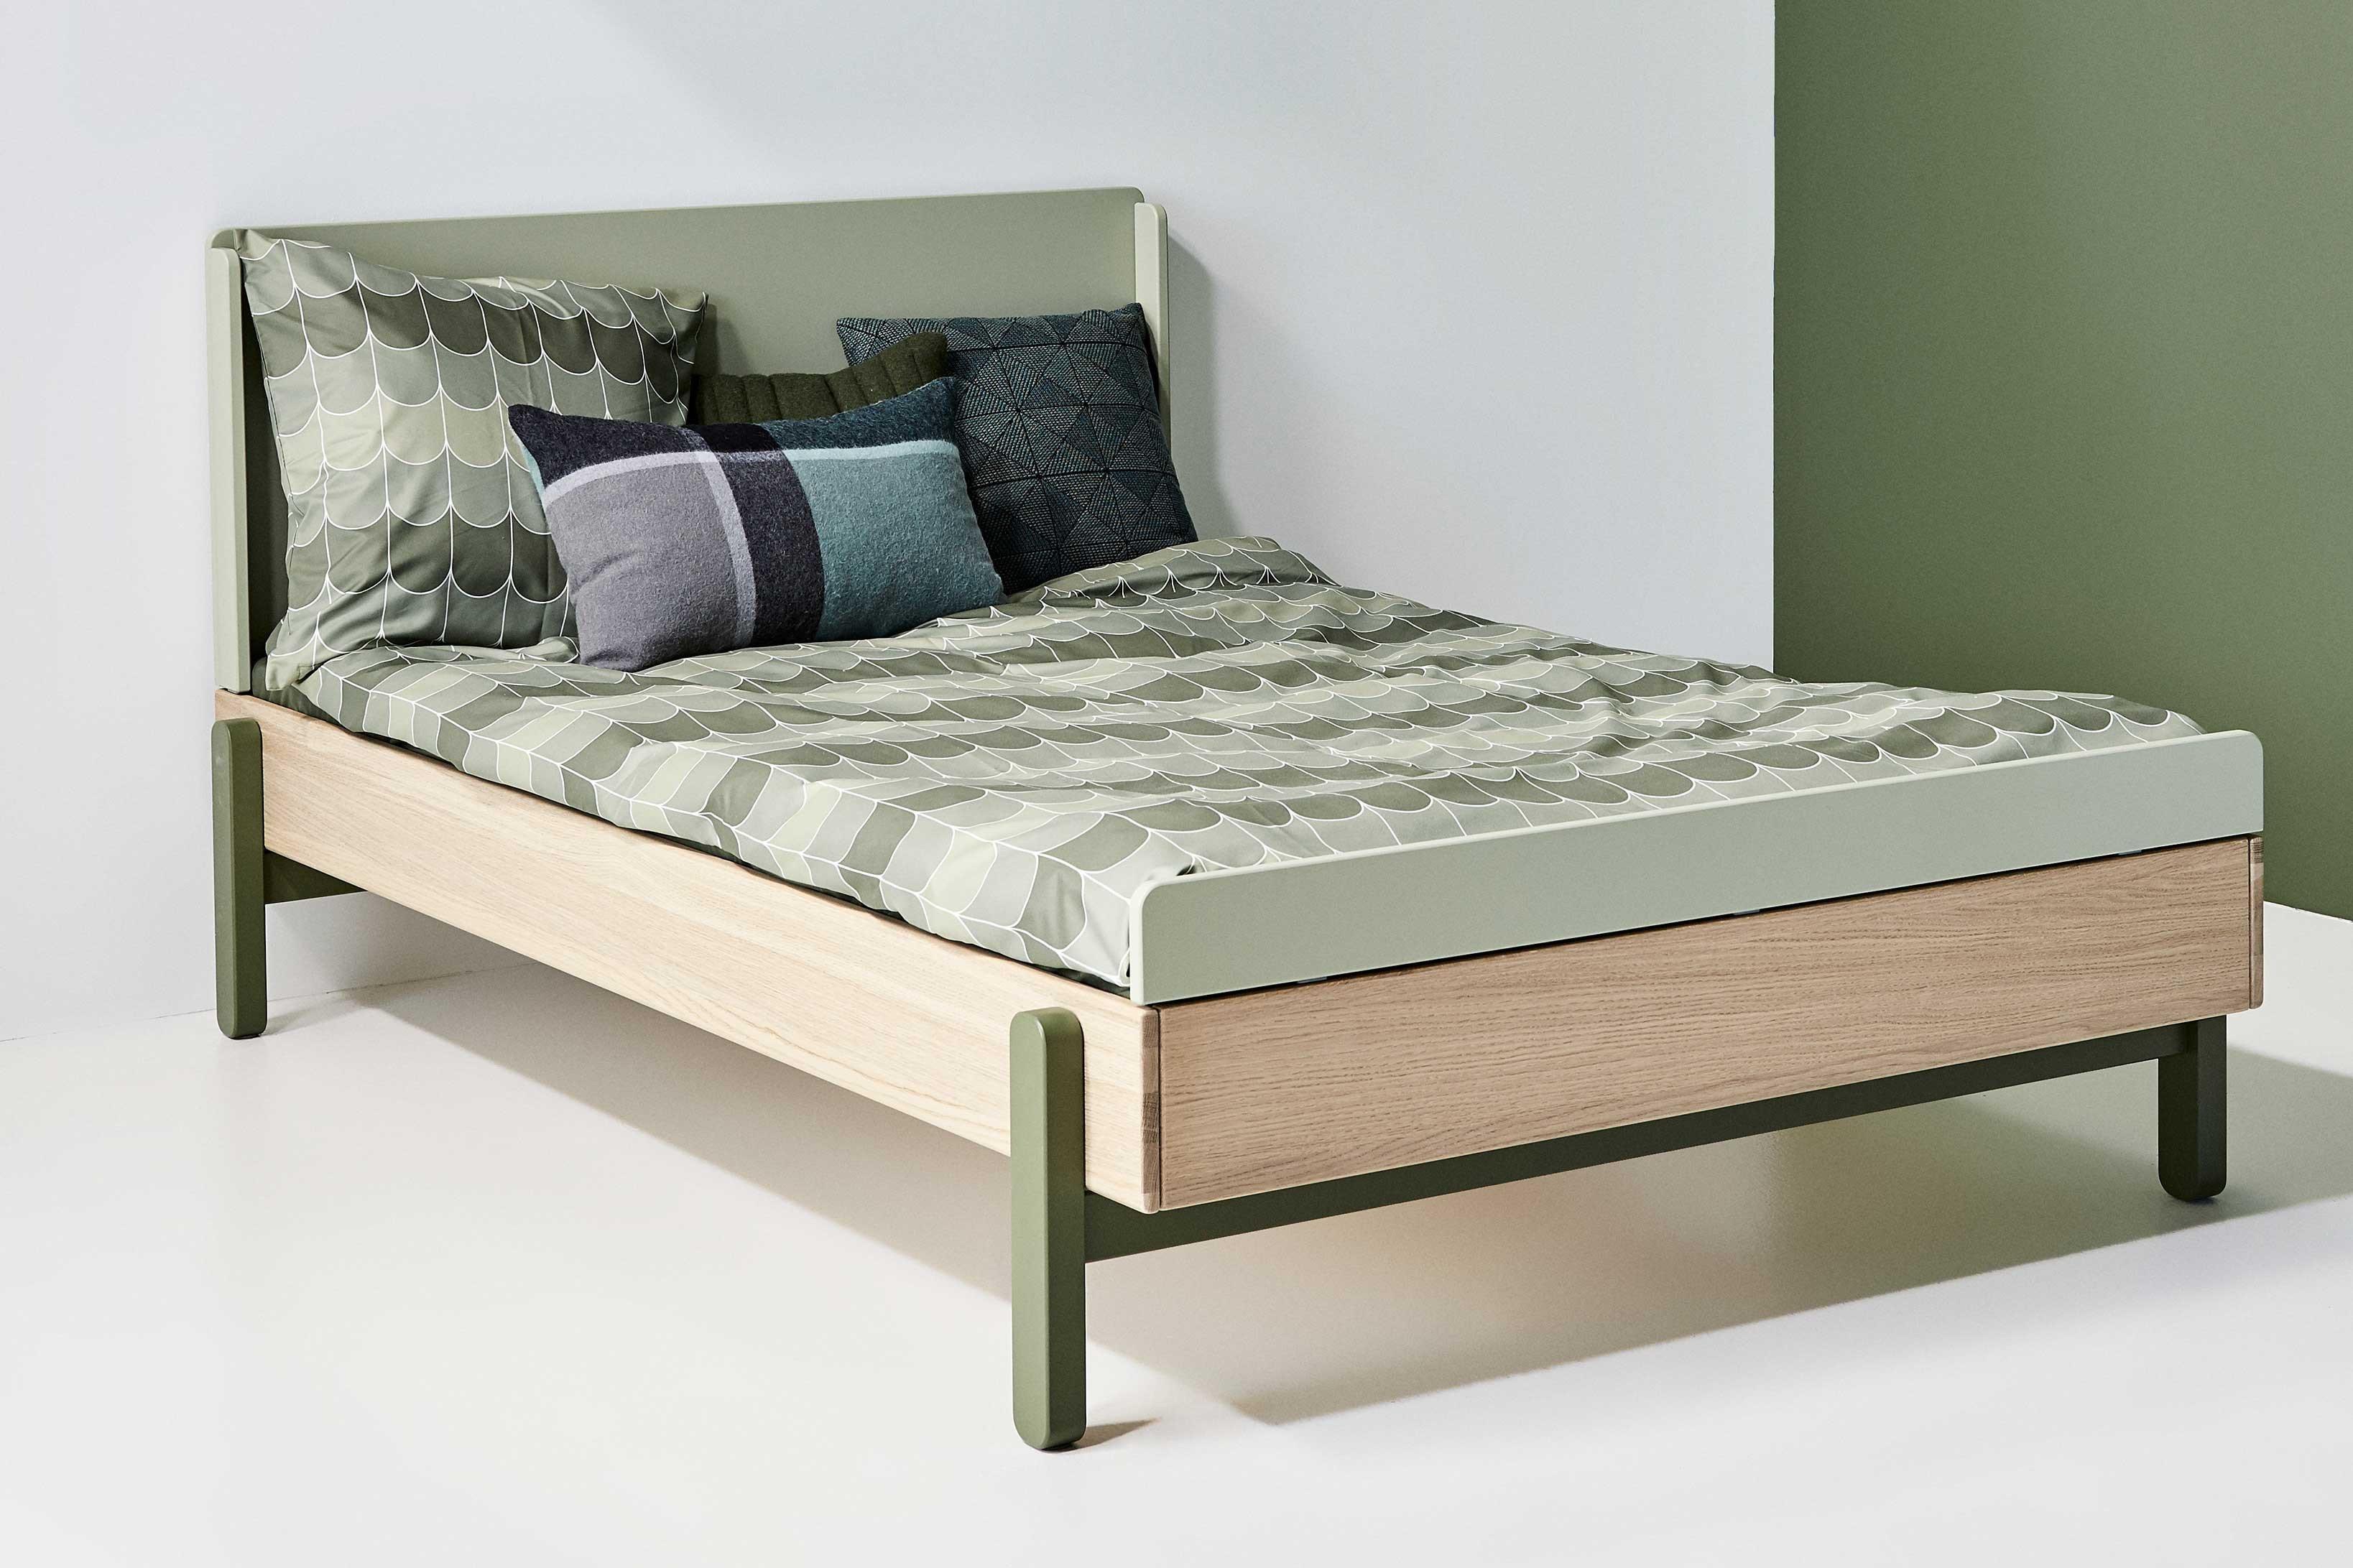 FLEXA popsicle Bett 12x12 cm Eiche   grün   Möbel Letz   Ihr ...